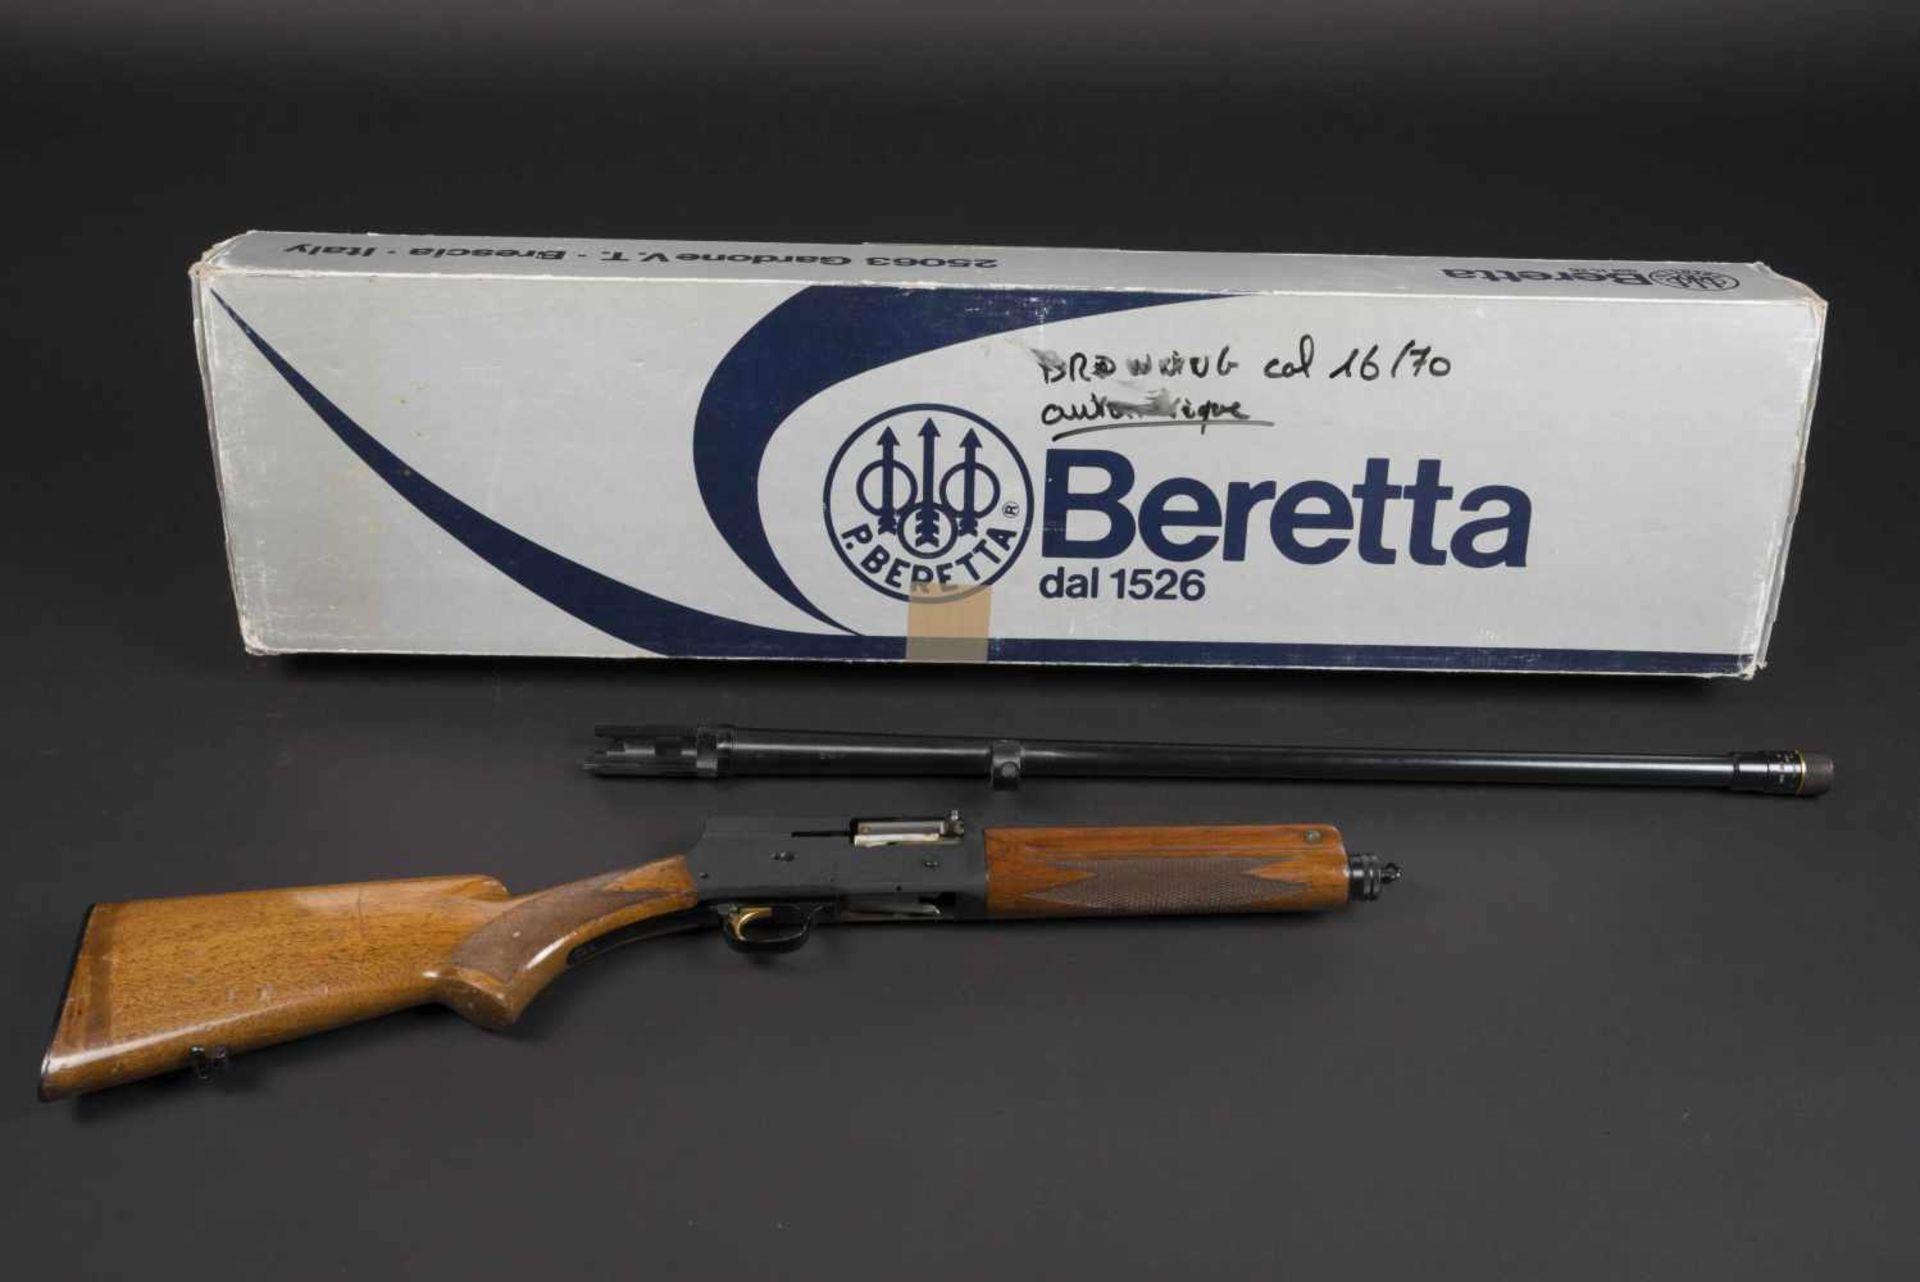 Fusil Browning automatique Catégorie C Calibre 16/70, numéro 2022168, canons M63098. Fabrication